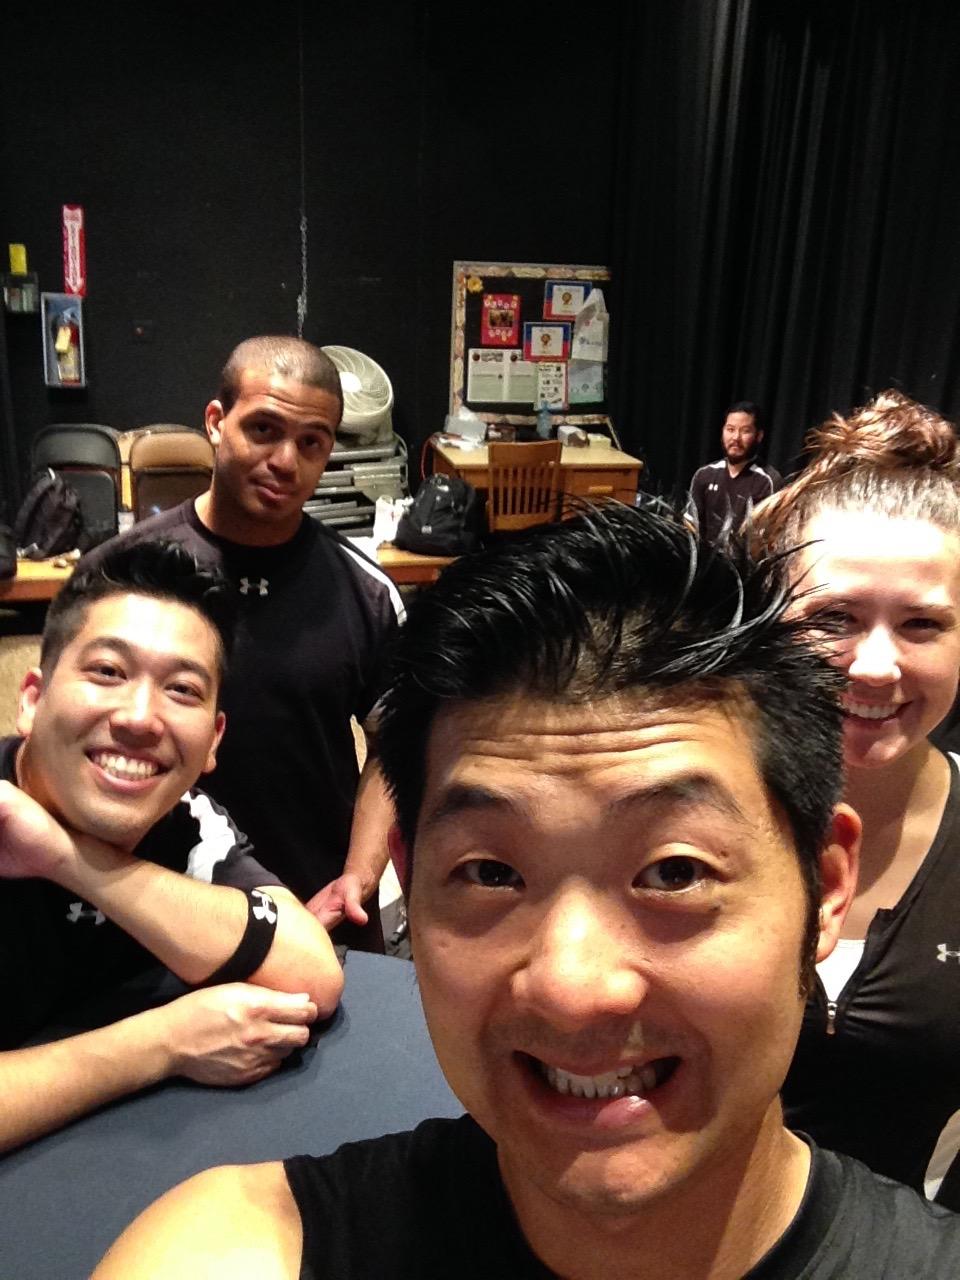 Sweaty Selfie! Otsukaresama deshita!